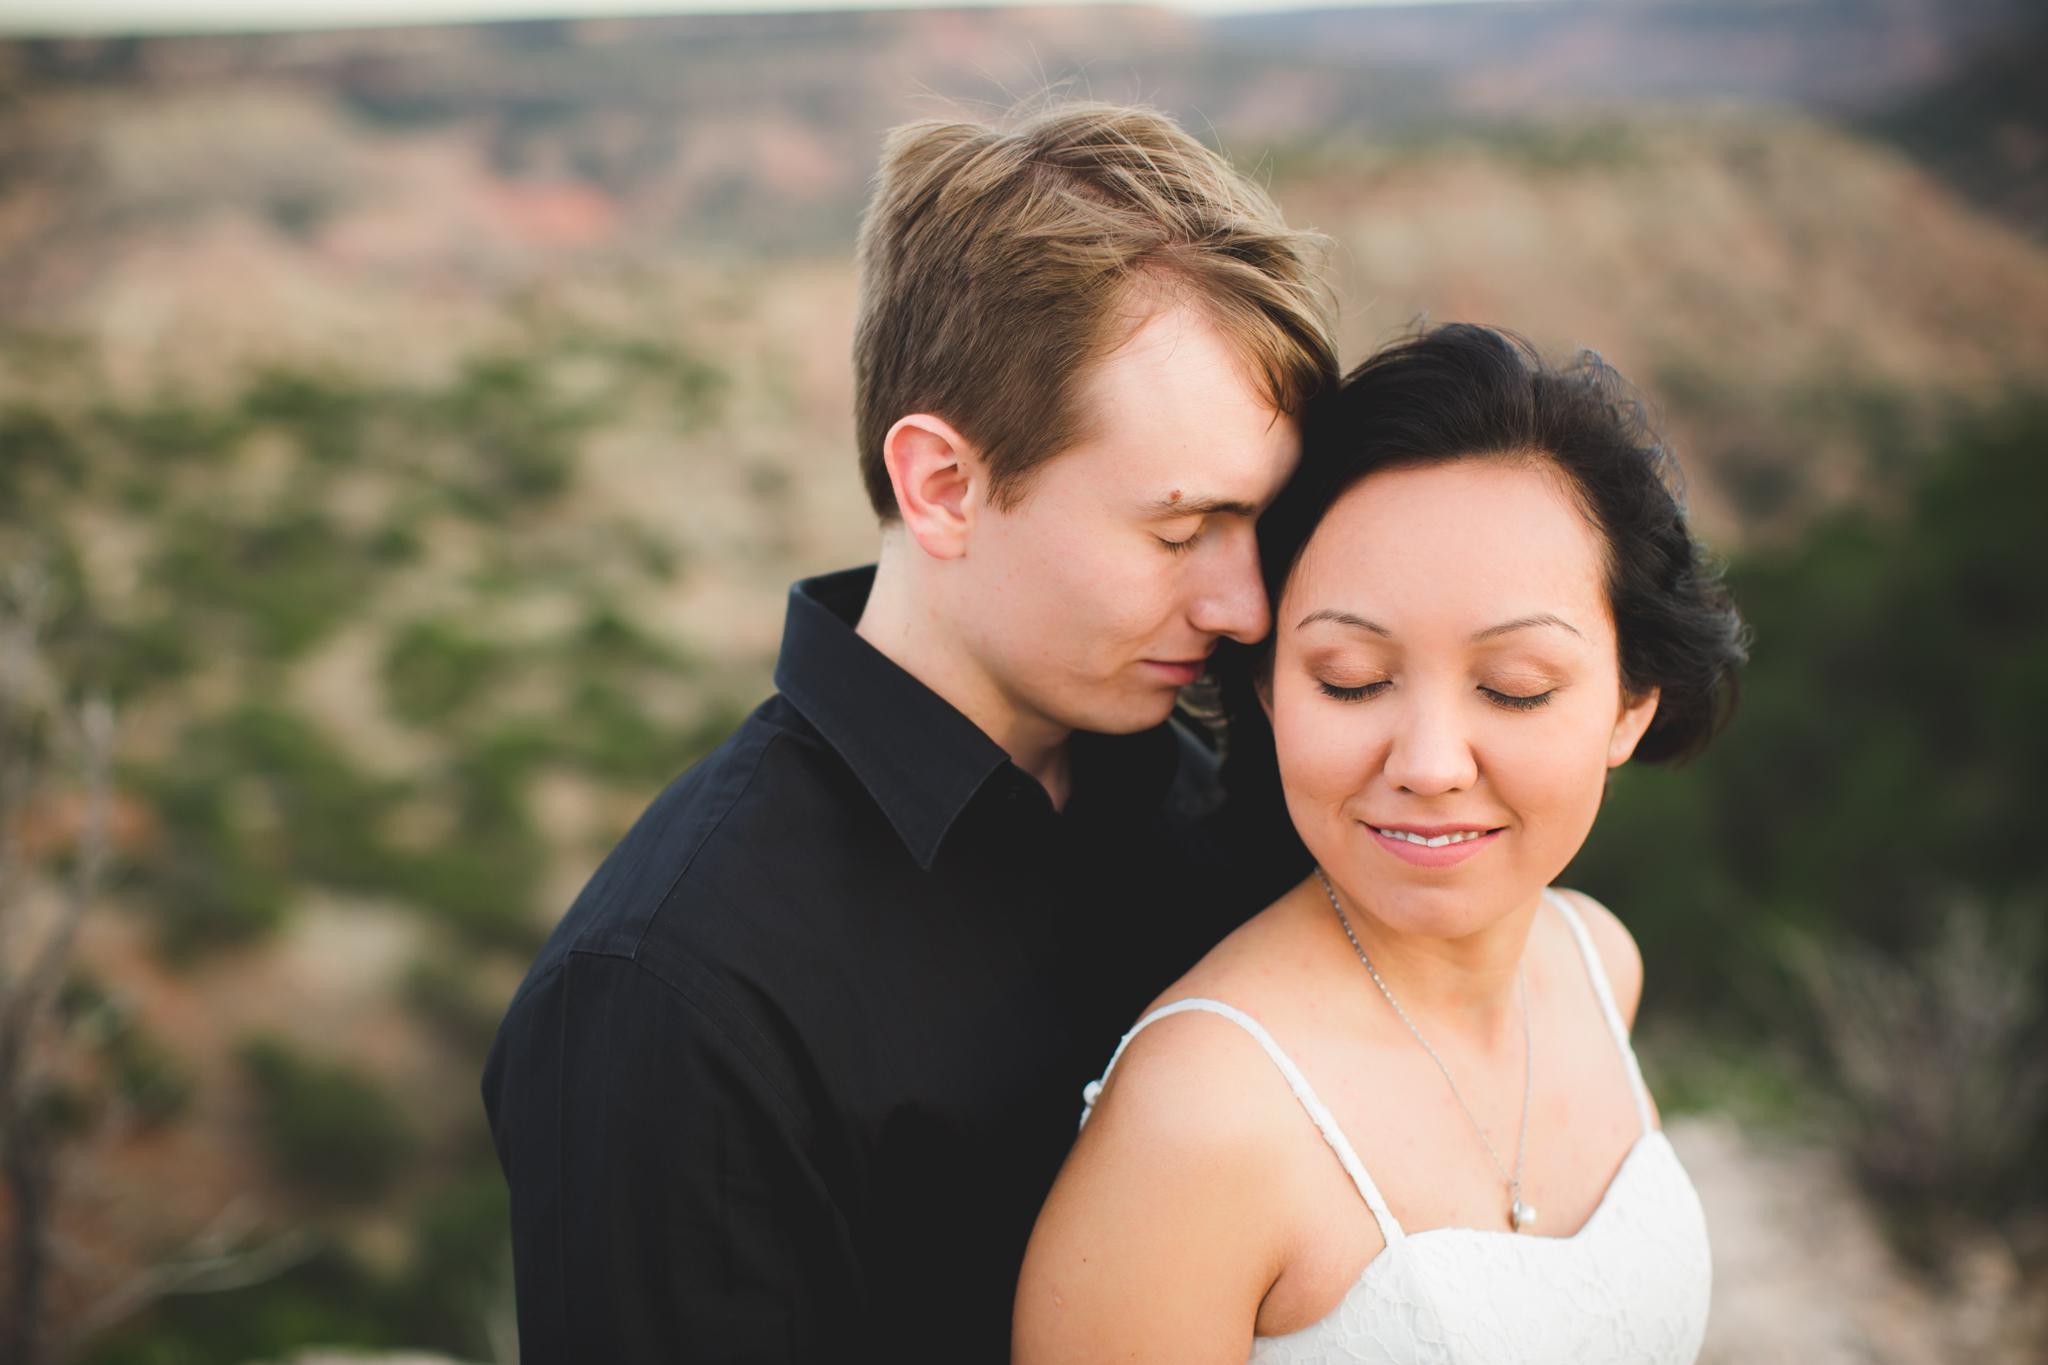 palo-duro-canyon-engagement-photo-session